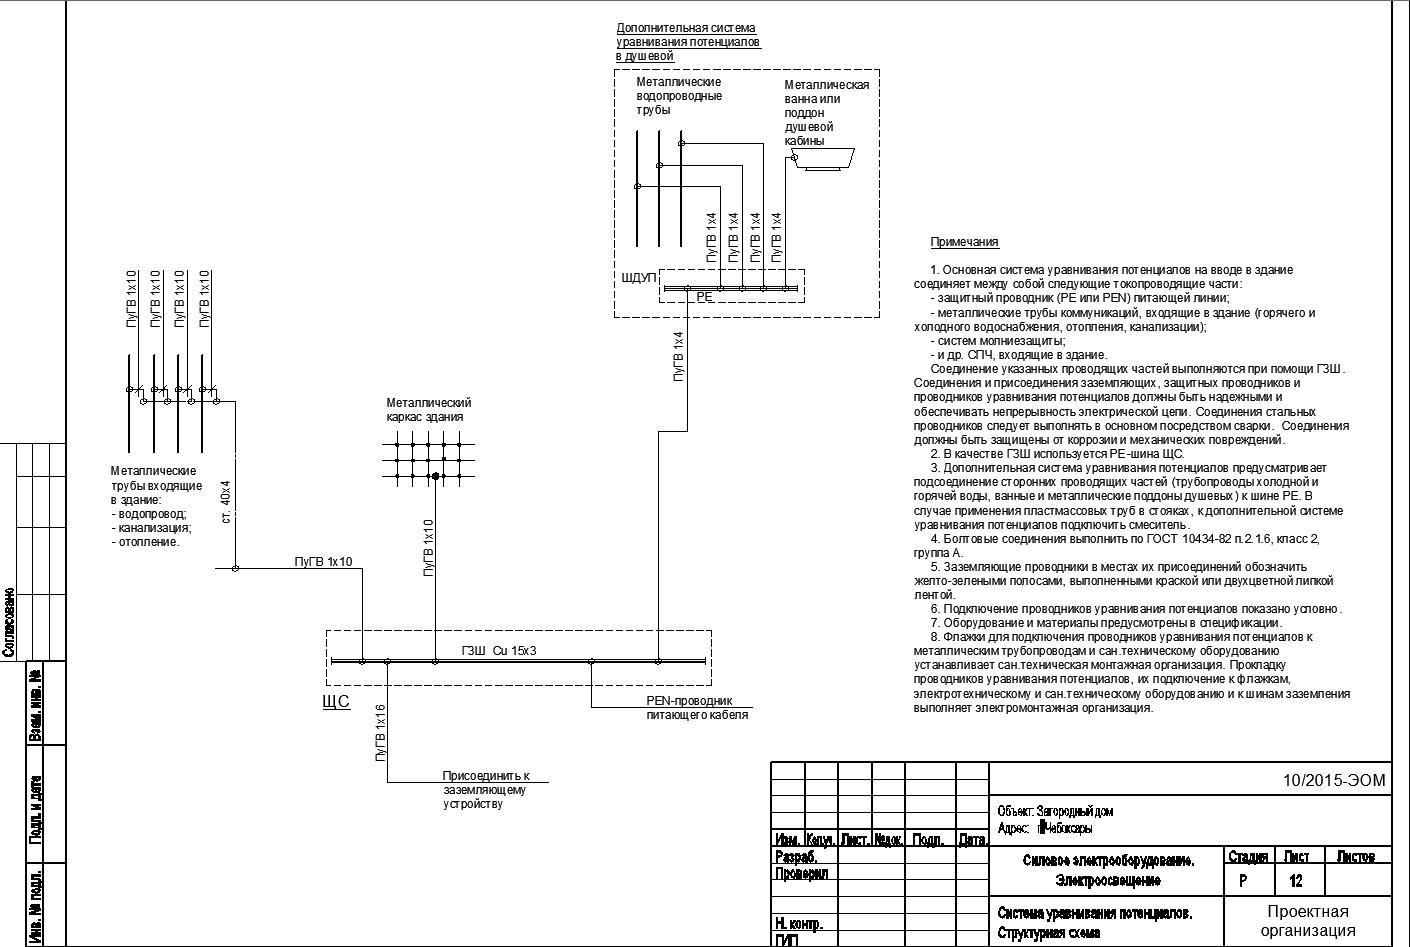 Скачать должностная инструкция оператора газовой котельной